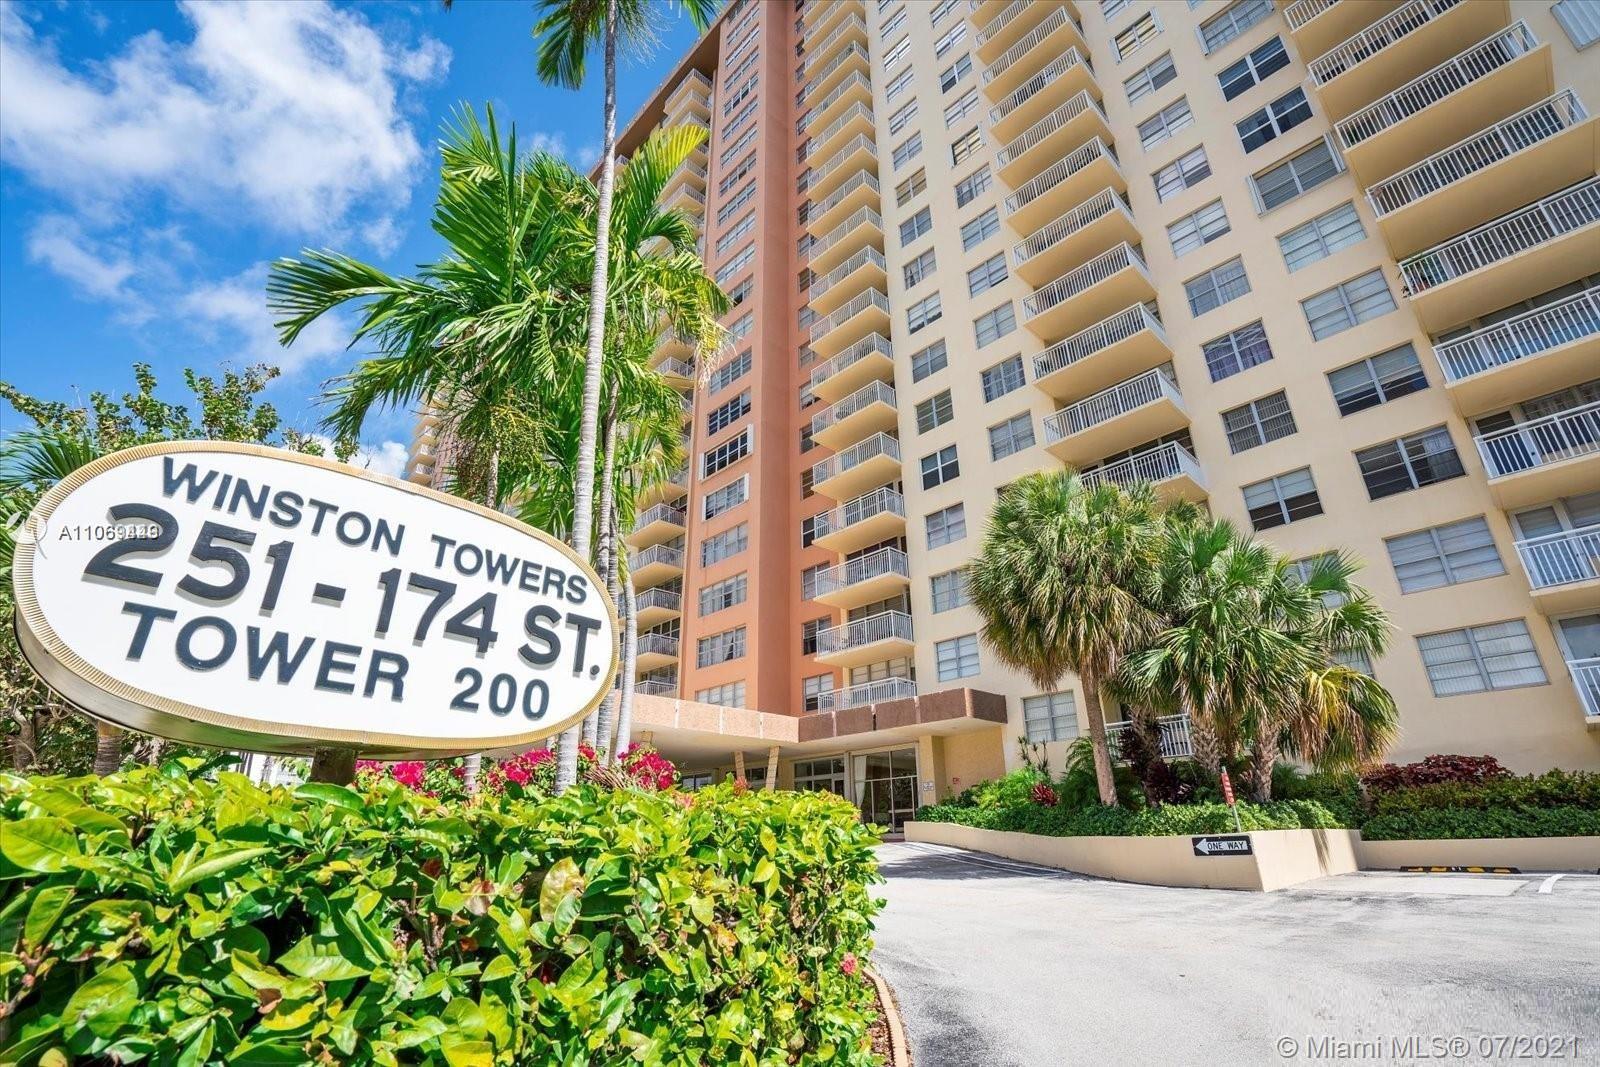 Winston Towers #1418 - 01 - photo